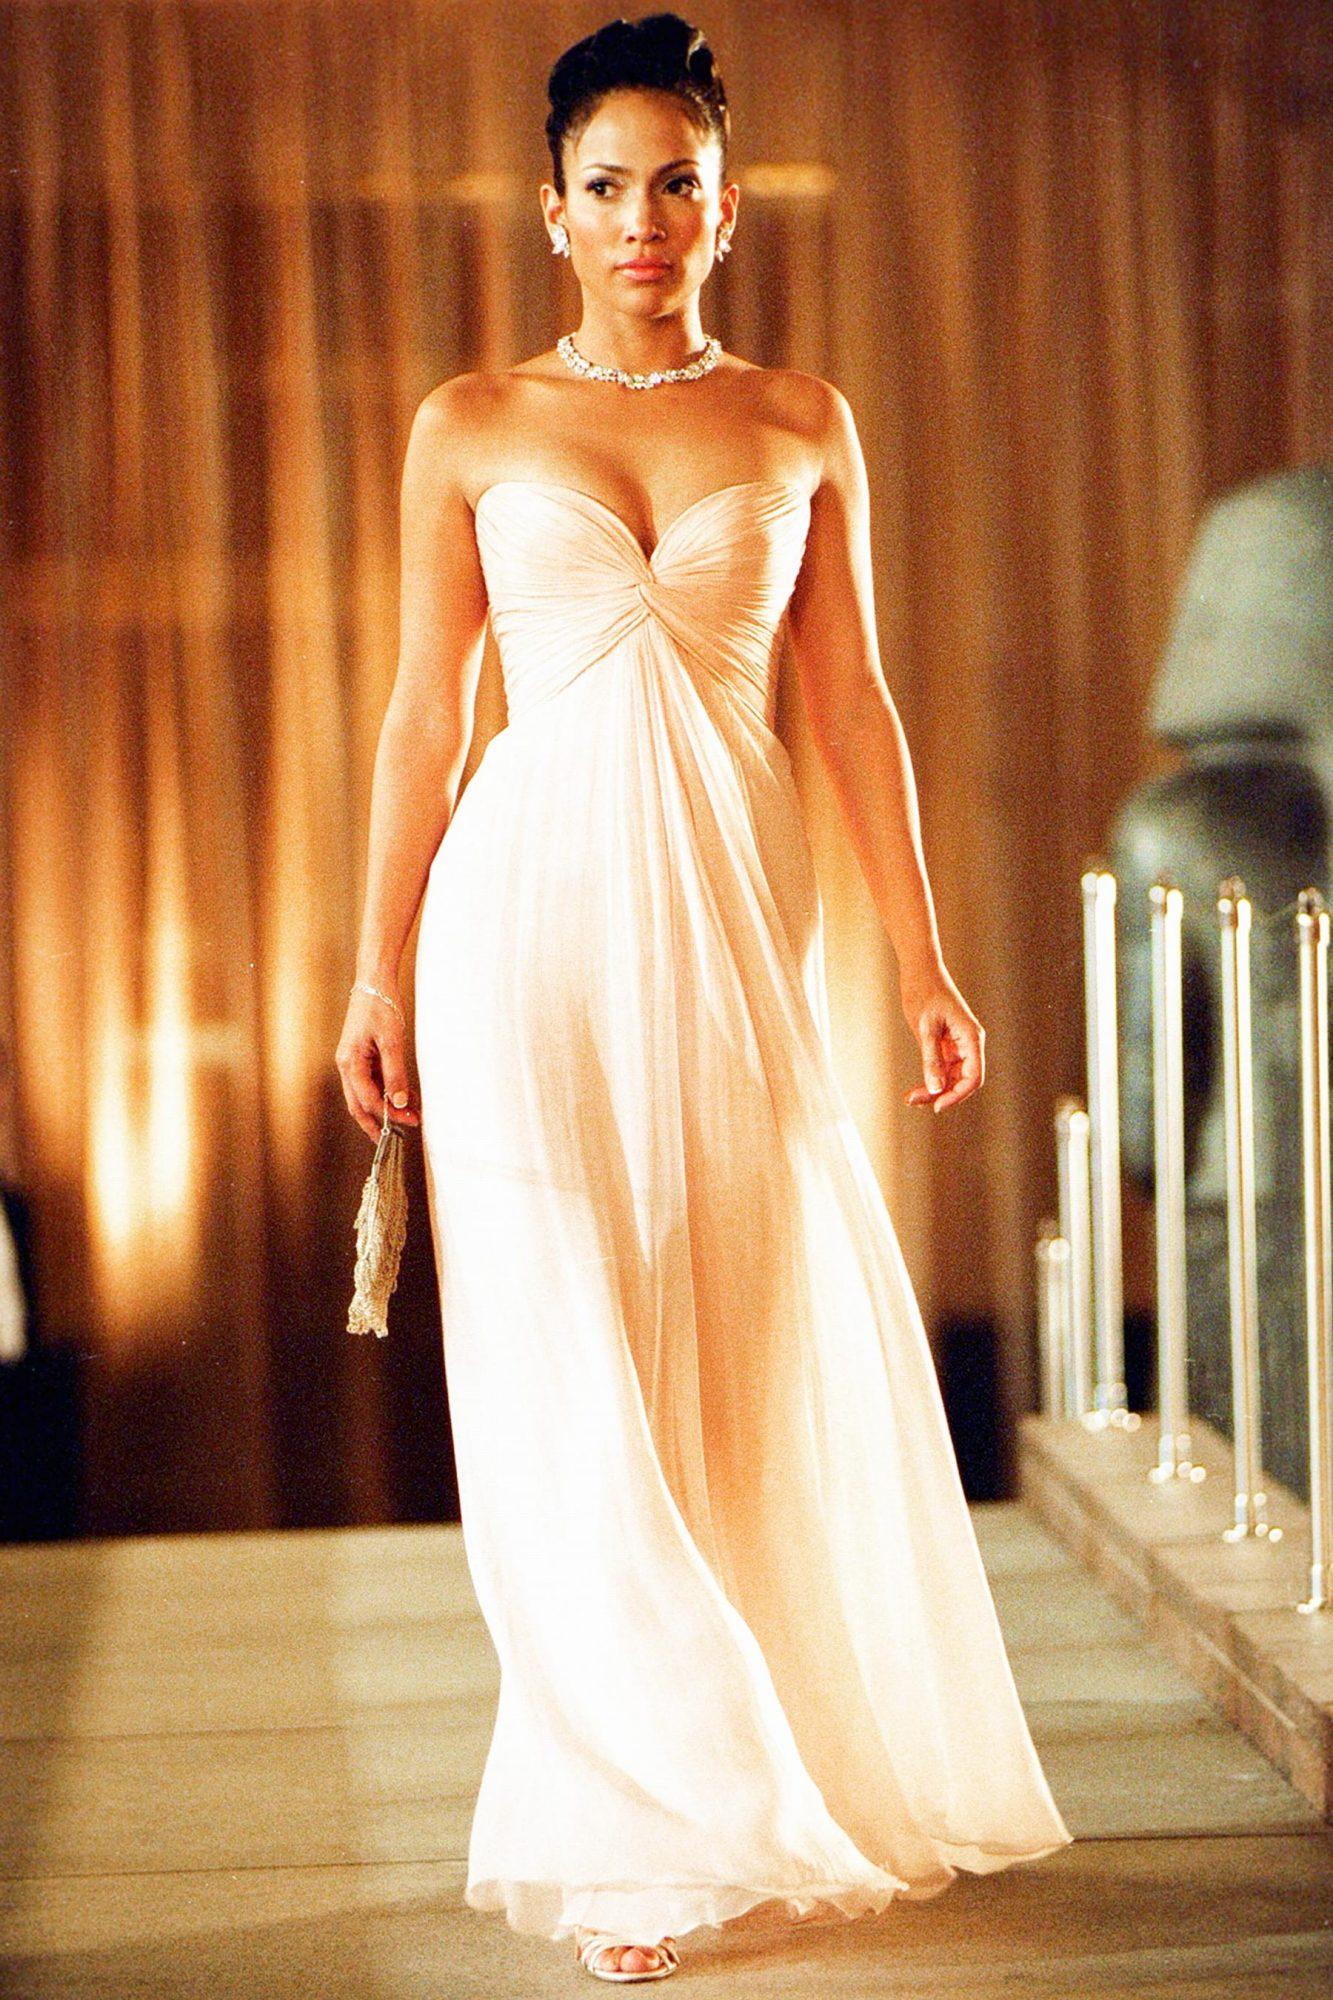 Maid In Manhattan - 2003